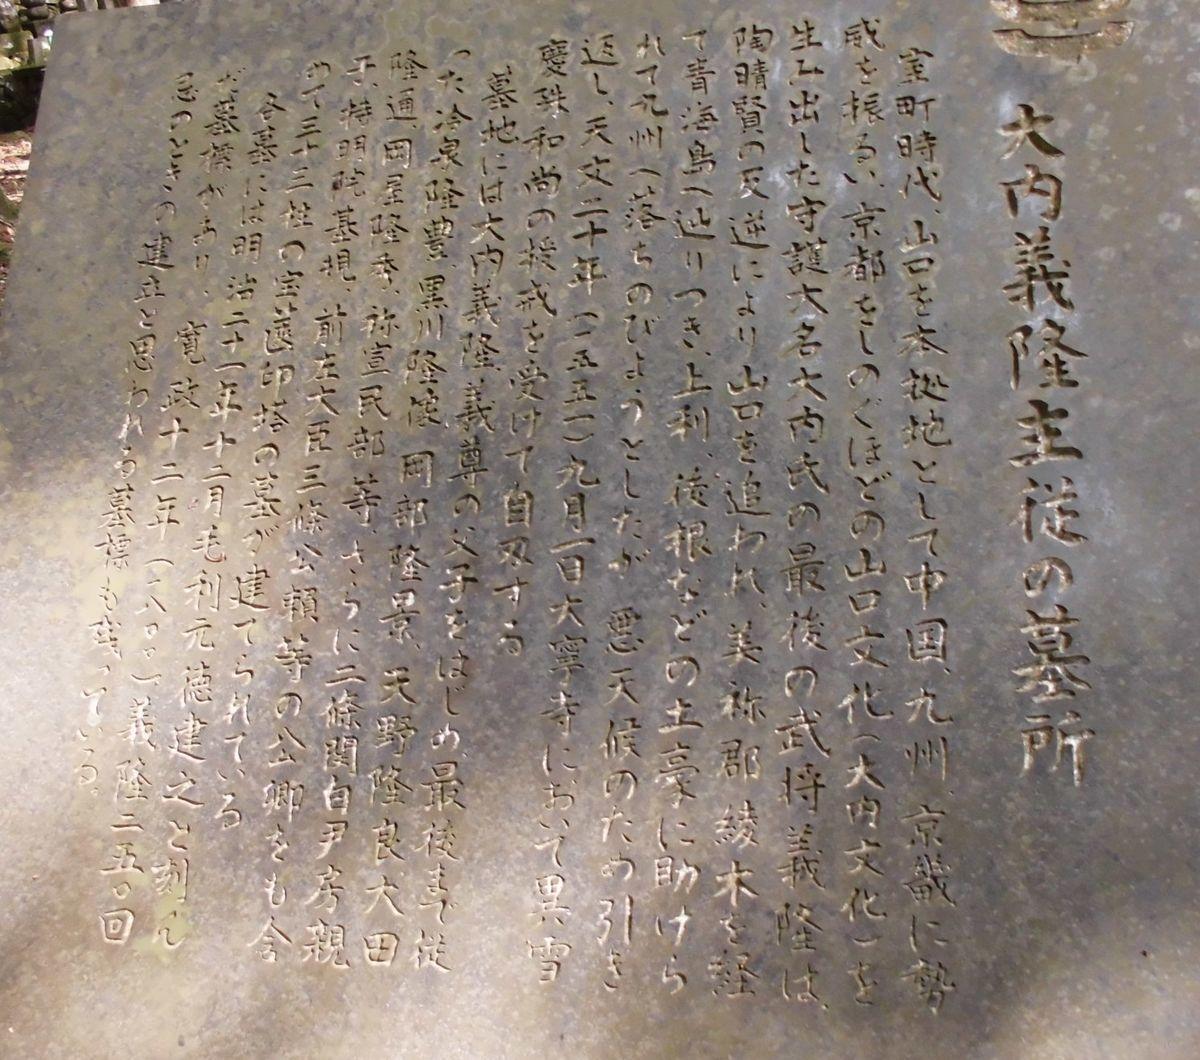 f:id:karibatakurou:20210419080542j:plain